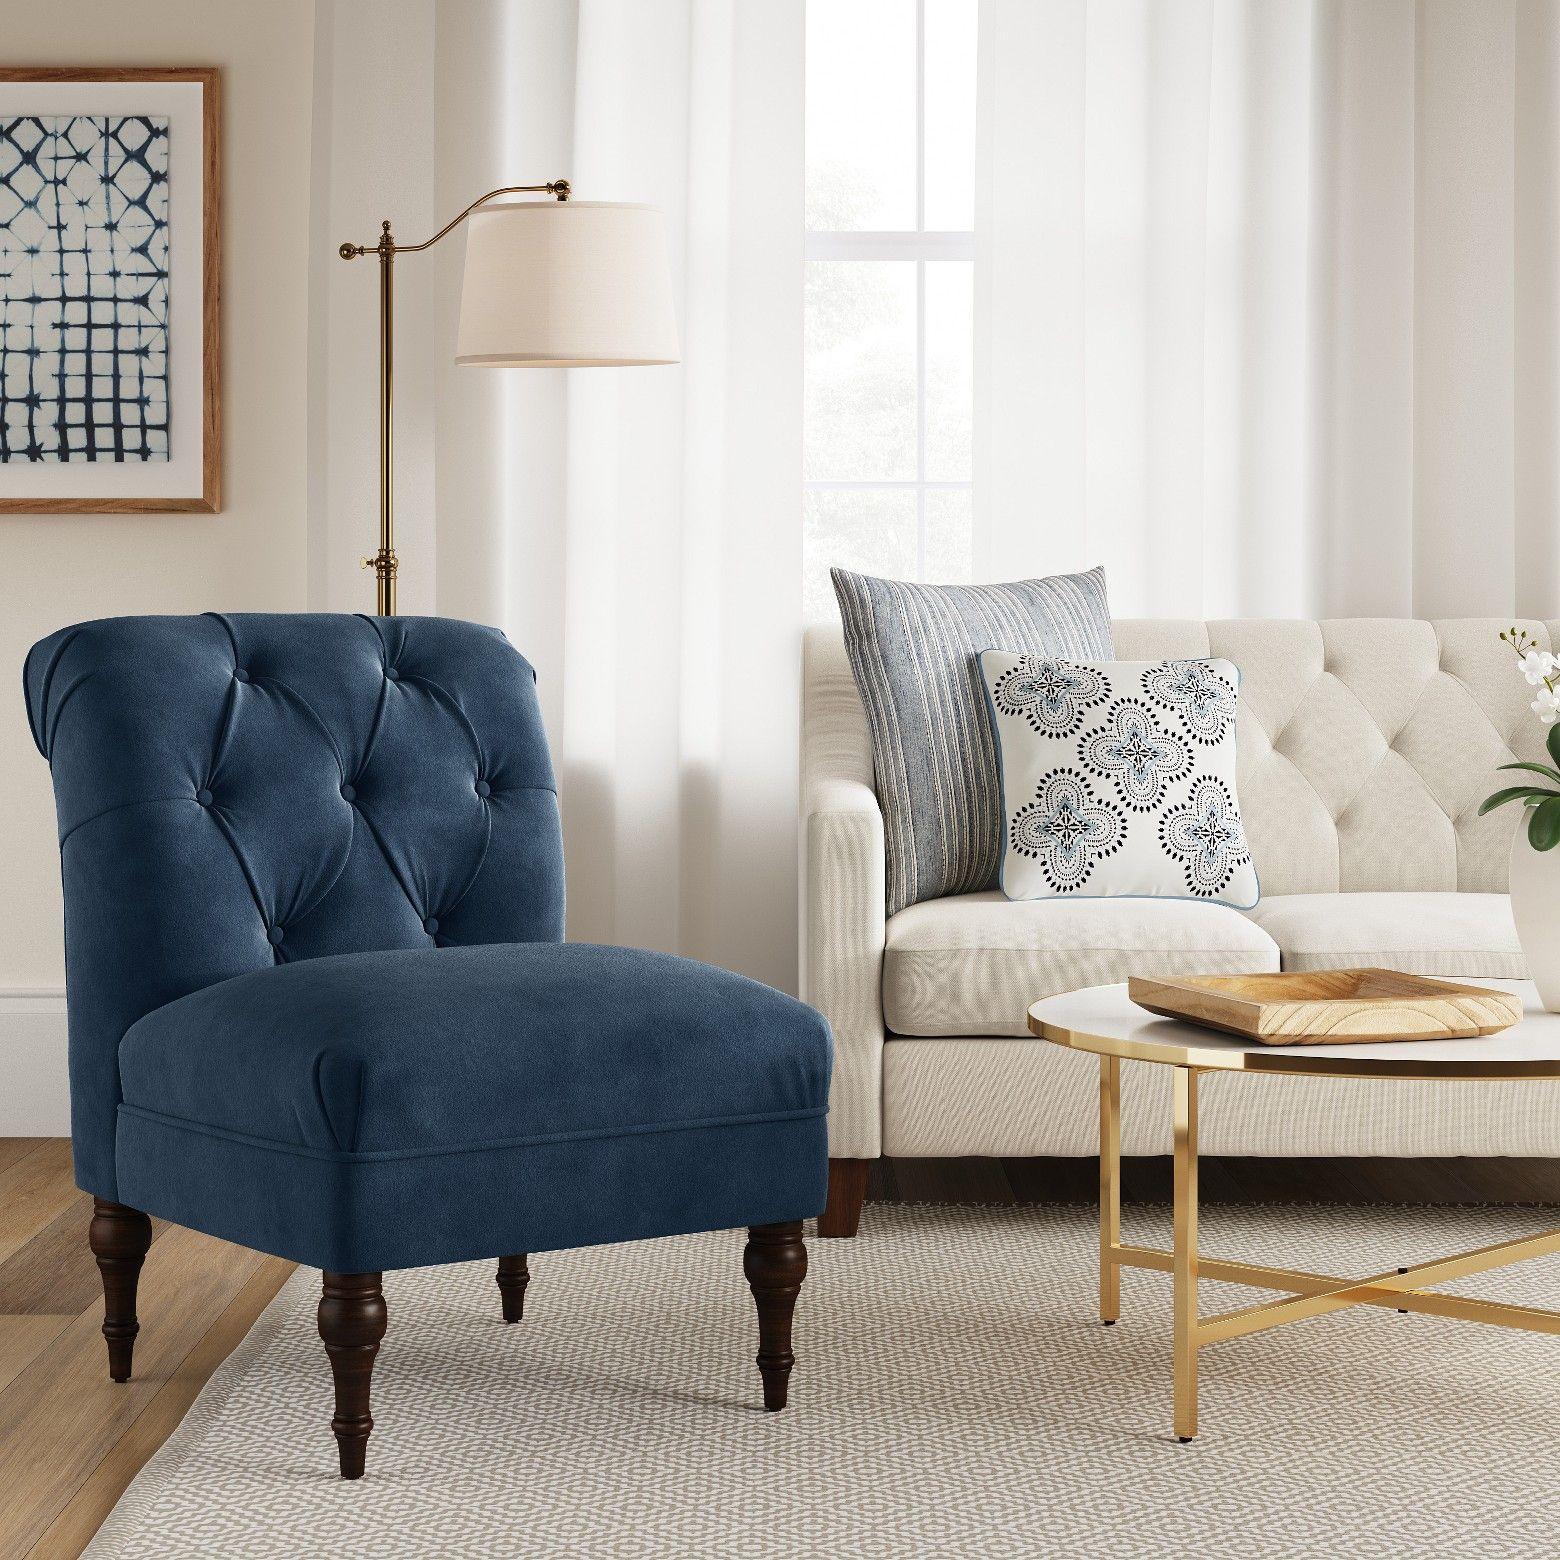 Wales Rollback Tufted Turned Leg Slipper Chair Navy Velvet Fully Assembled Threshold Target Bean Bag Chair Living Room Furniture Furniture Slipper chair living room